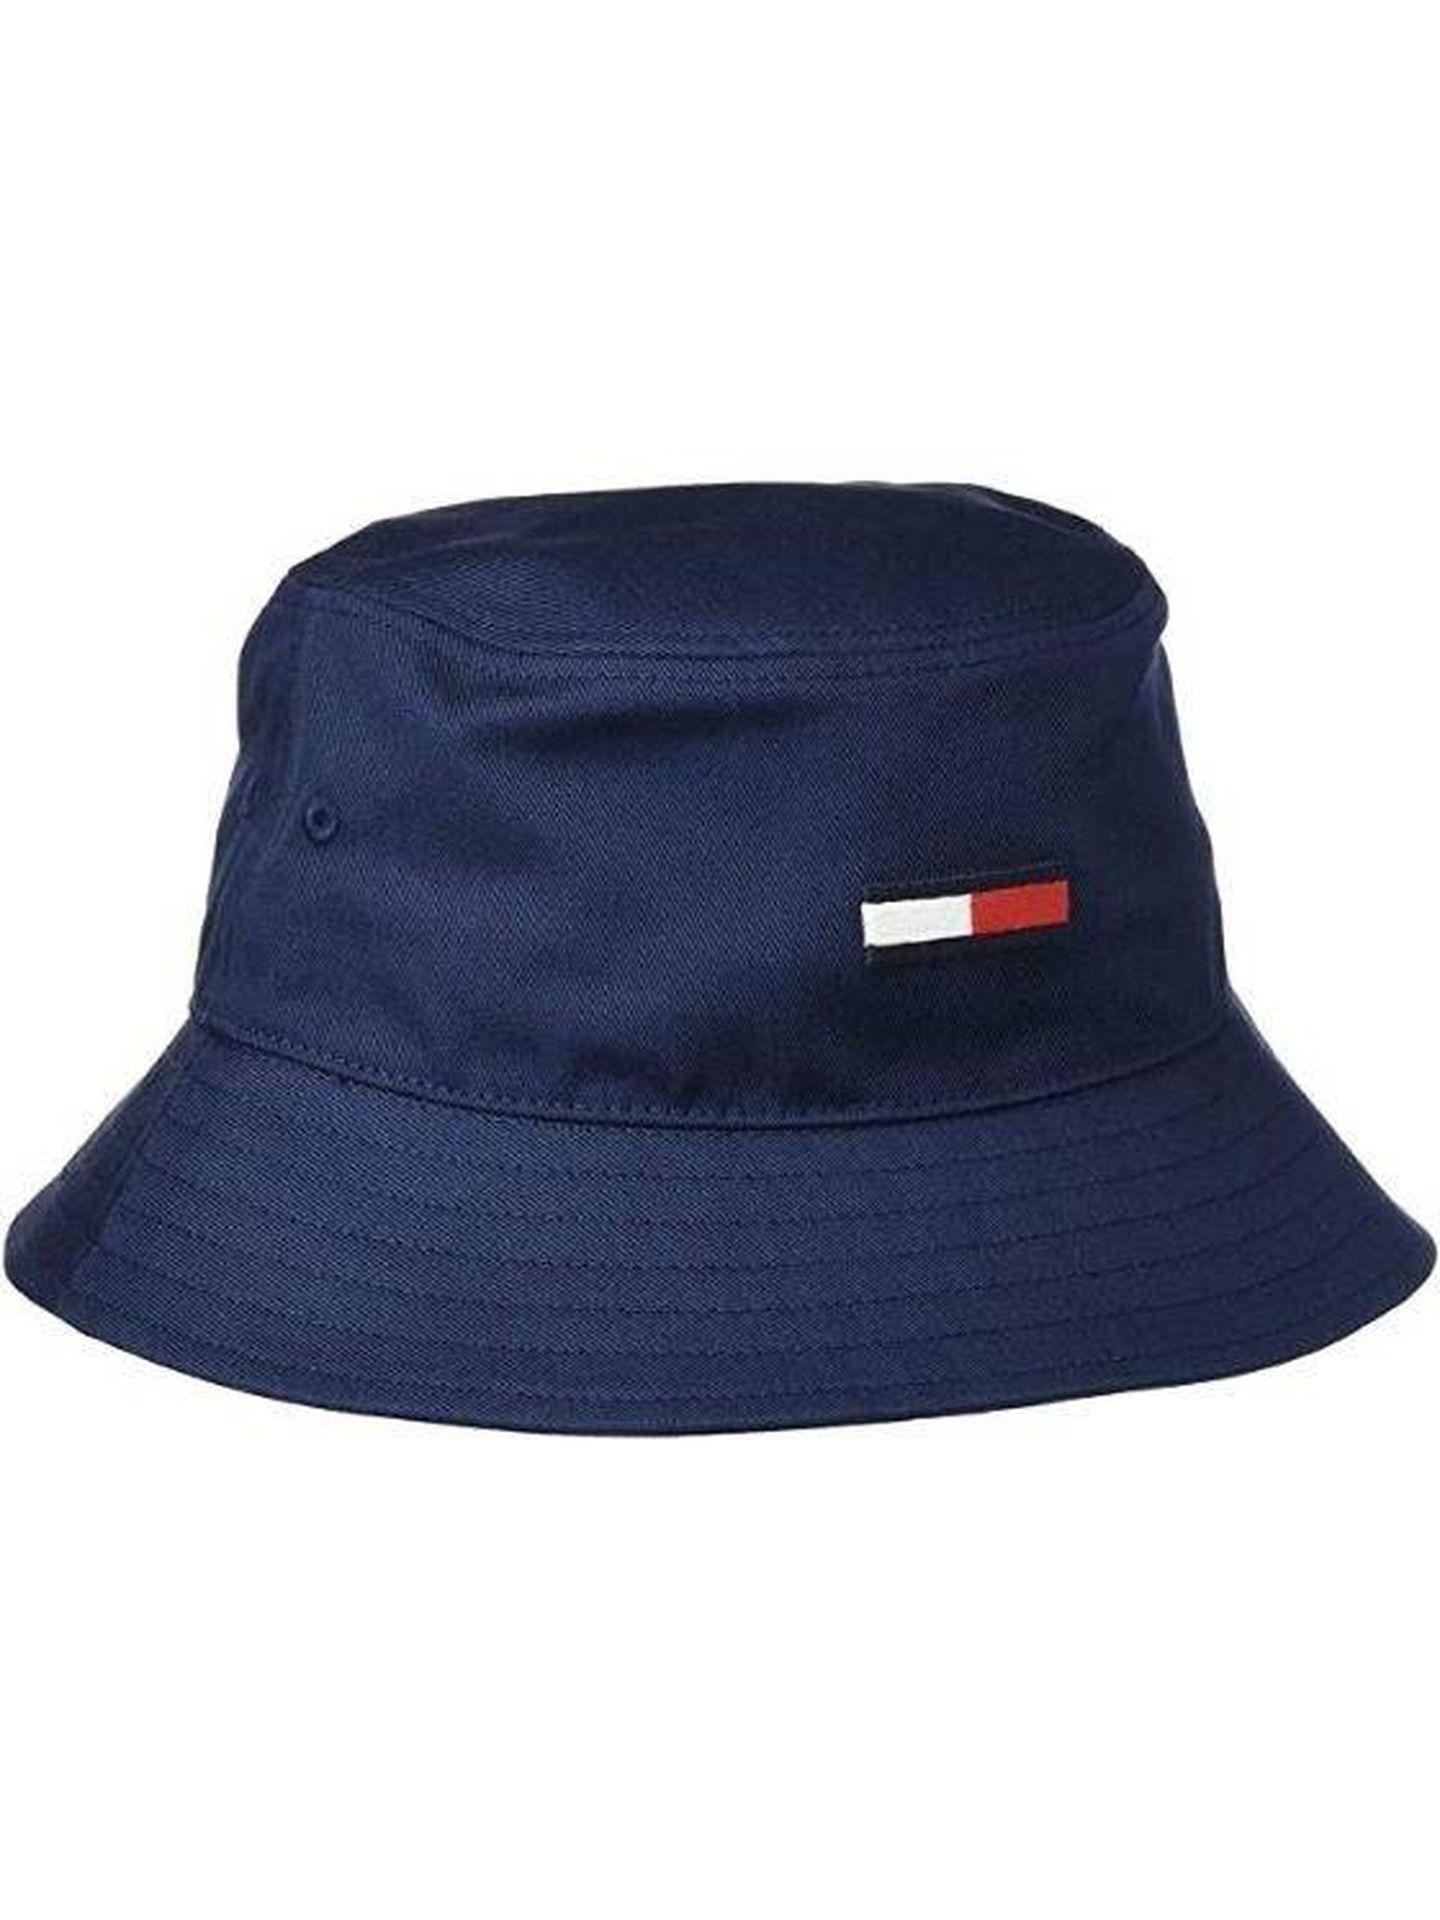 Sombrero. (Cortesía)